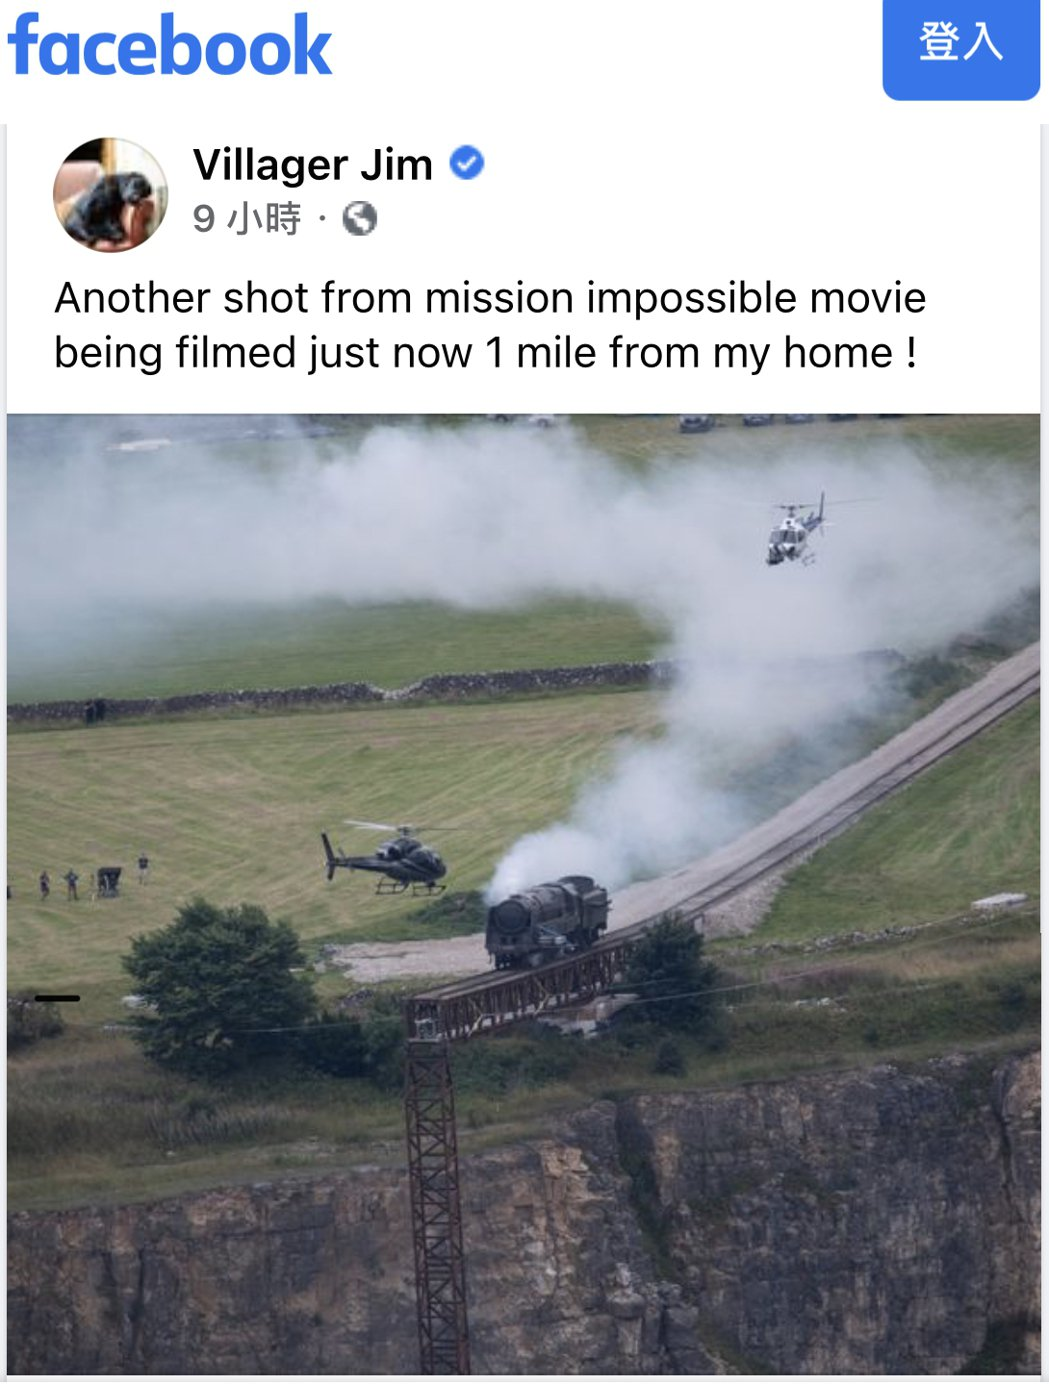 德比郡攝影師Villager Jim拍到「不可能的任務7」在當地出外景。圖/摘自